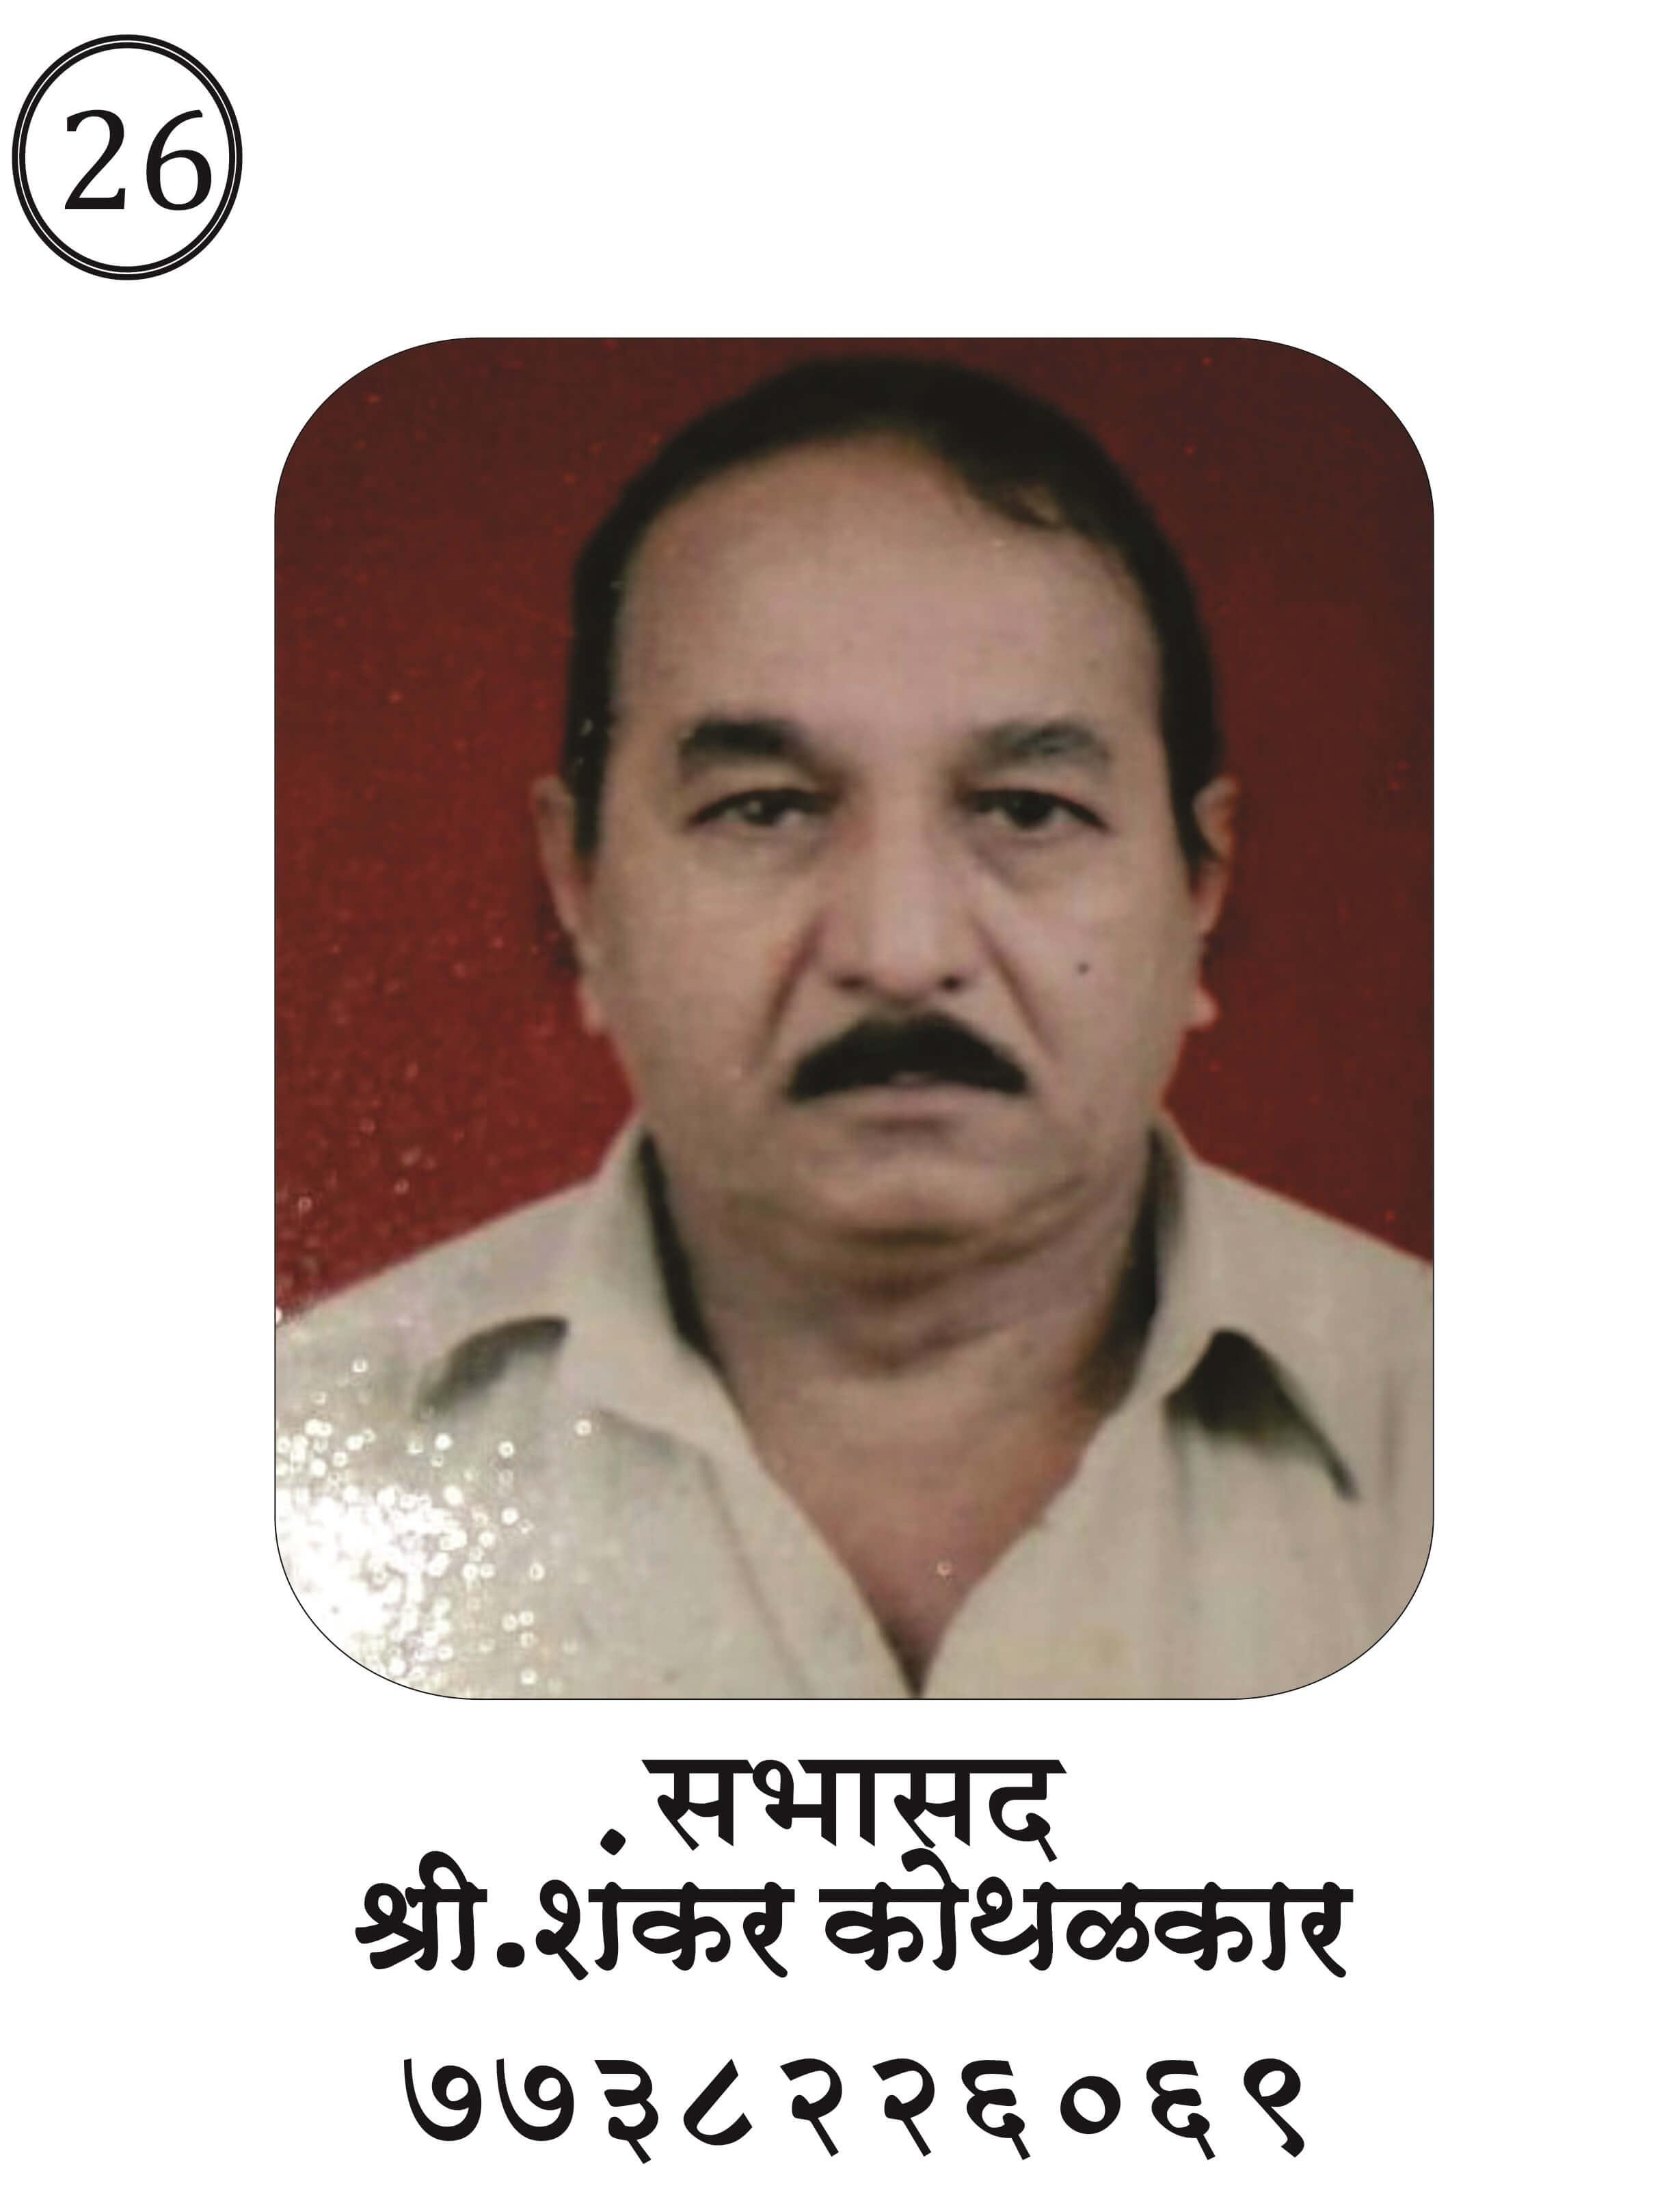 26 shankar kothalkar